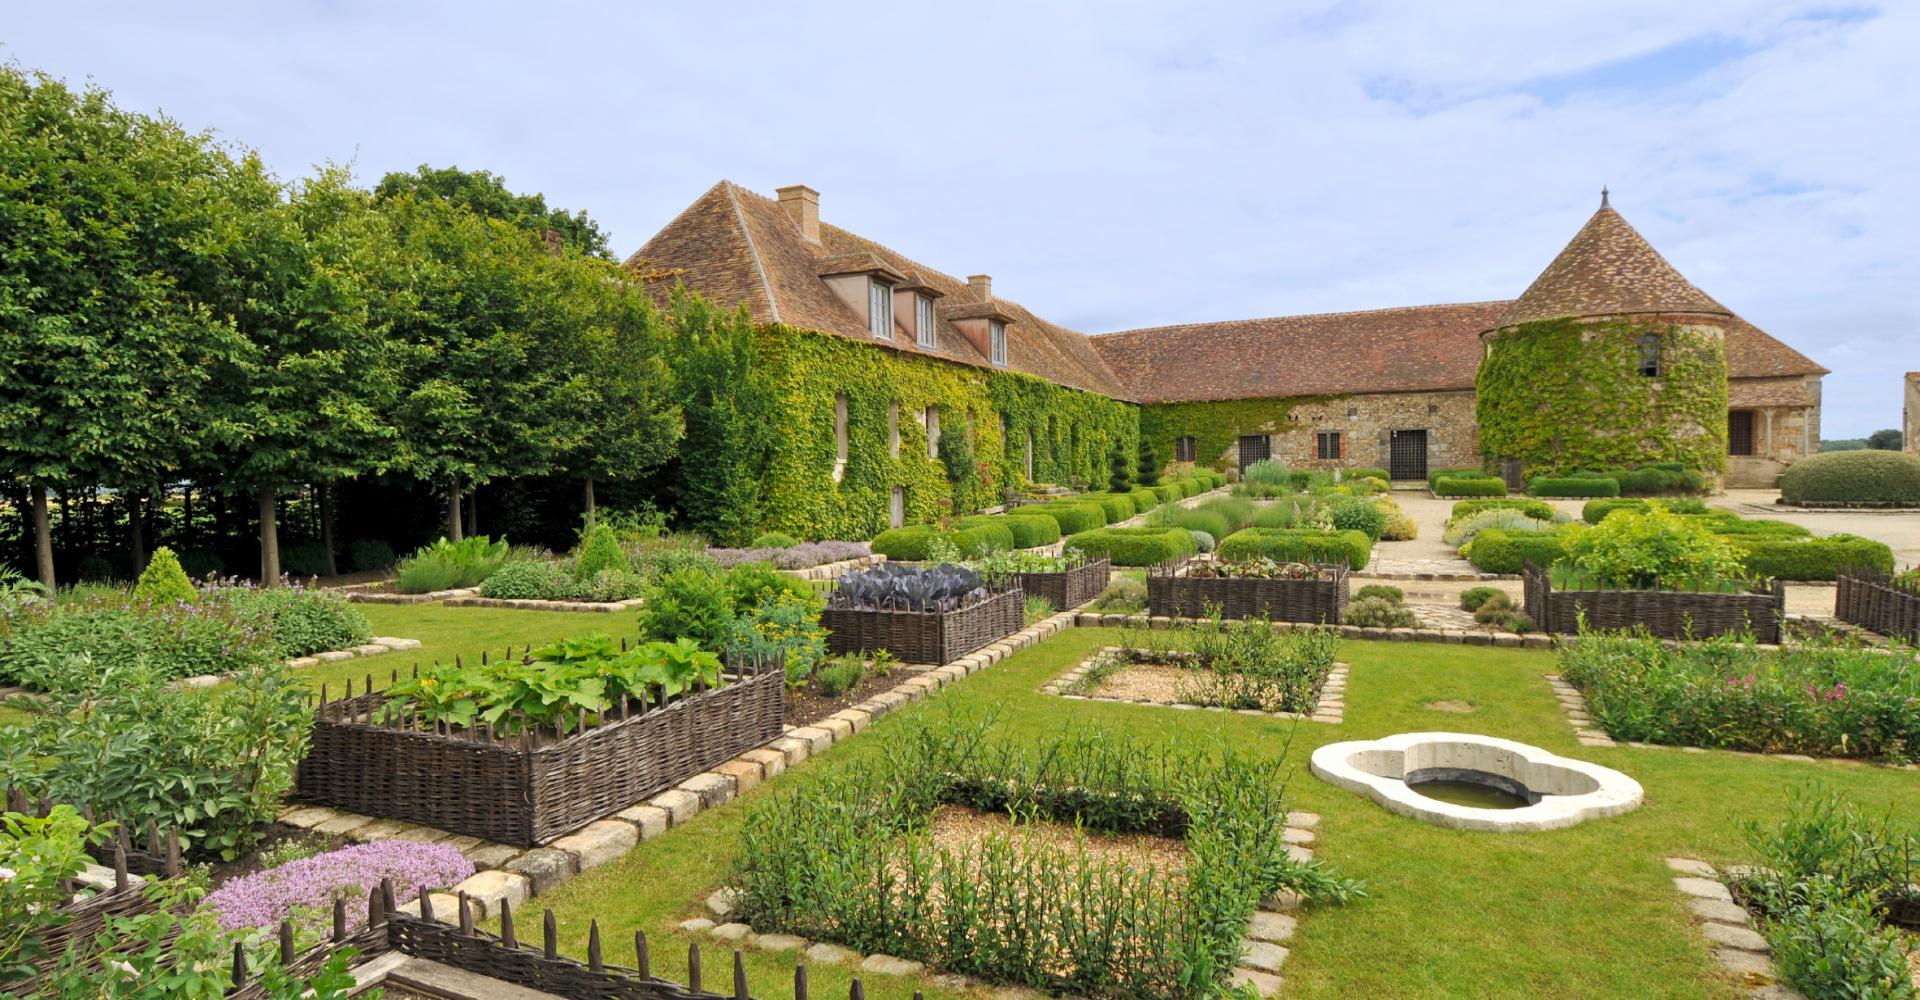 Jardin de bois richeux parcs et jardins en r gion centre for Jardins de france a visiter